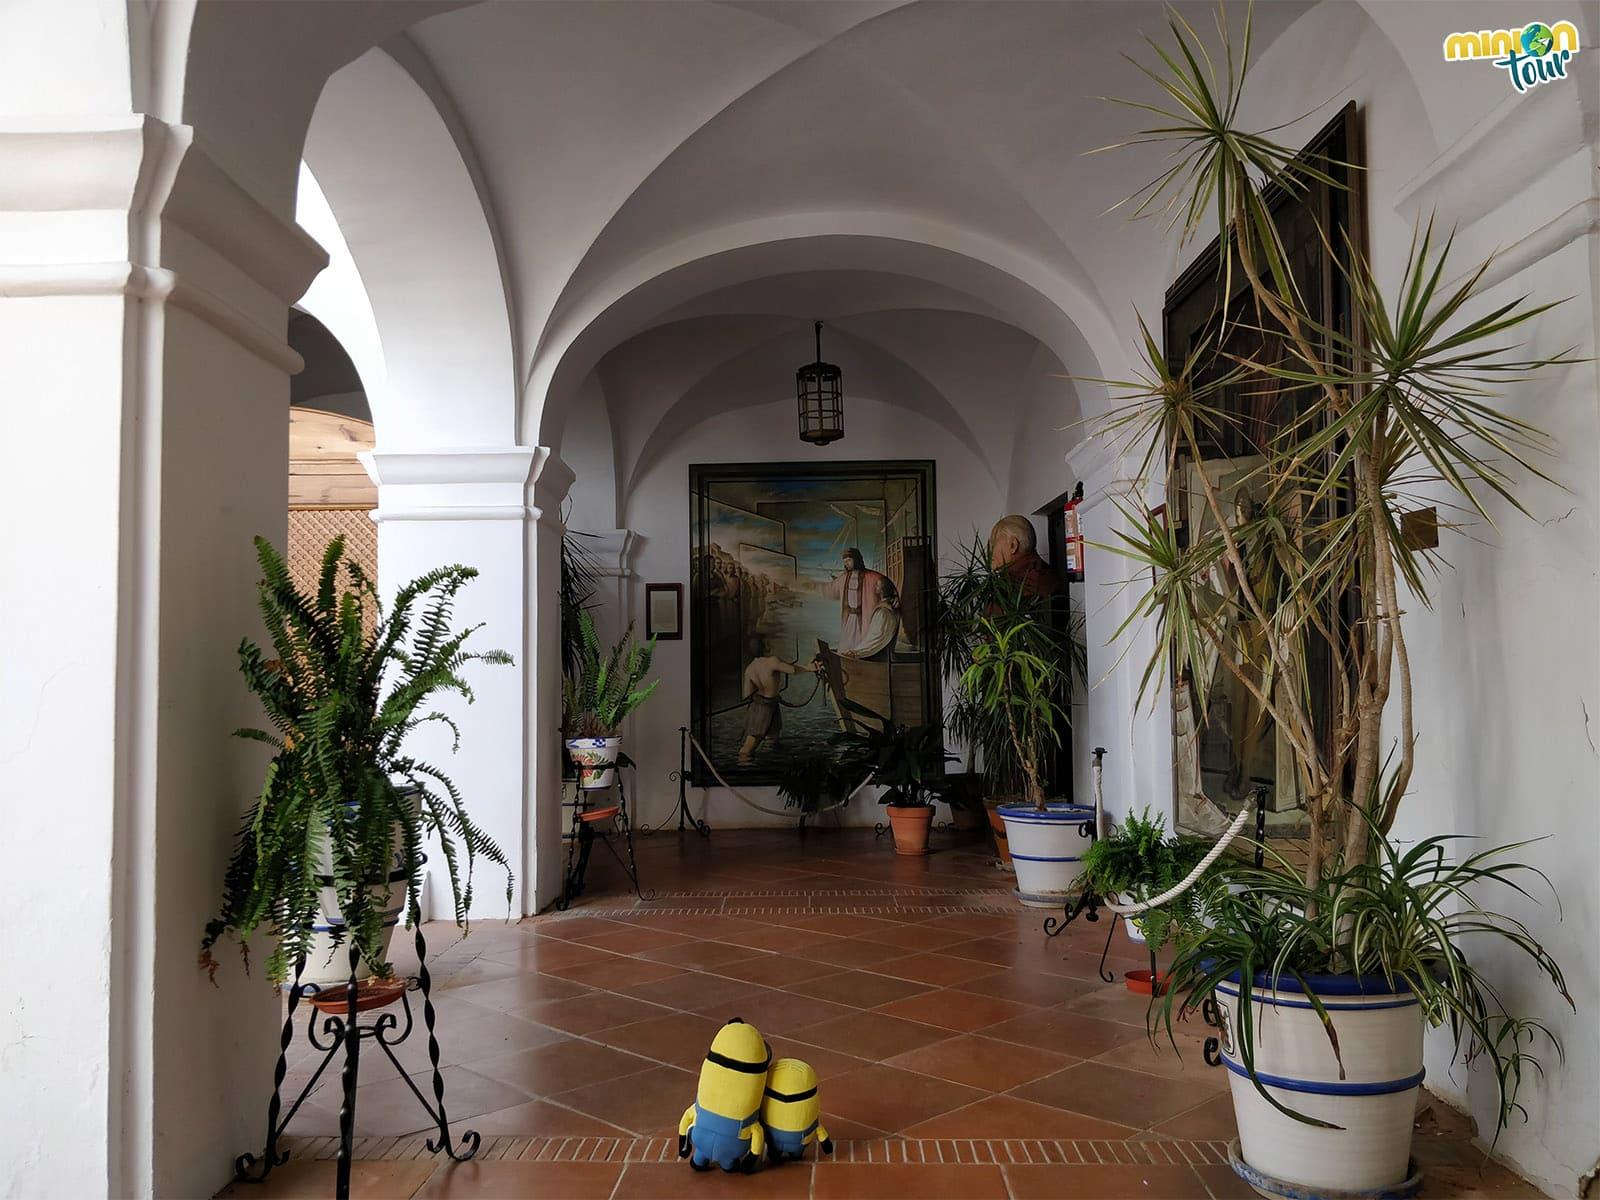 El Claustro de la Hospedería del Monasterio de La Rábida